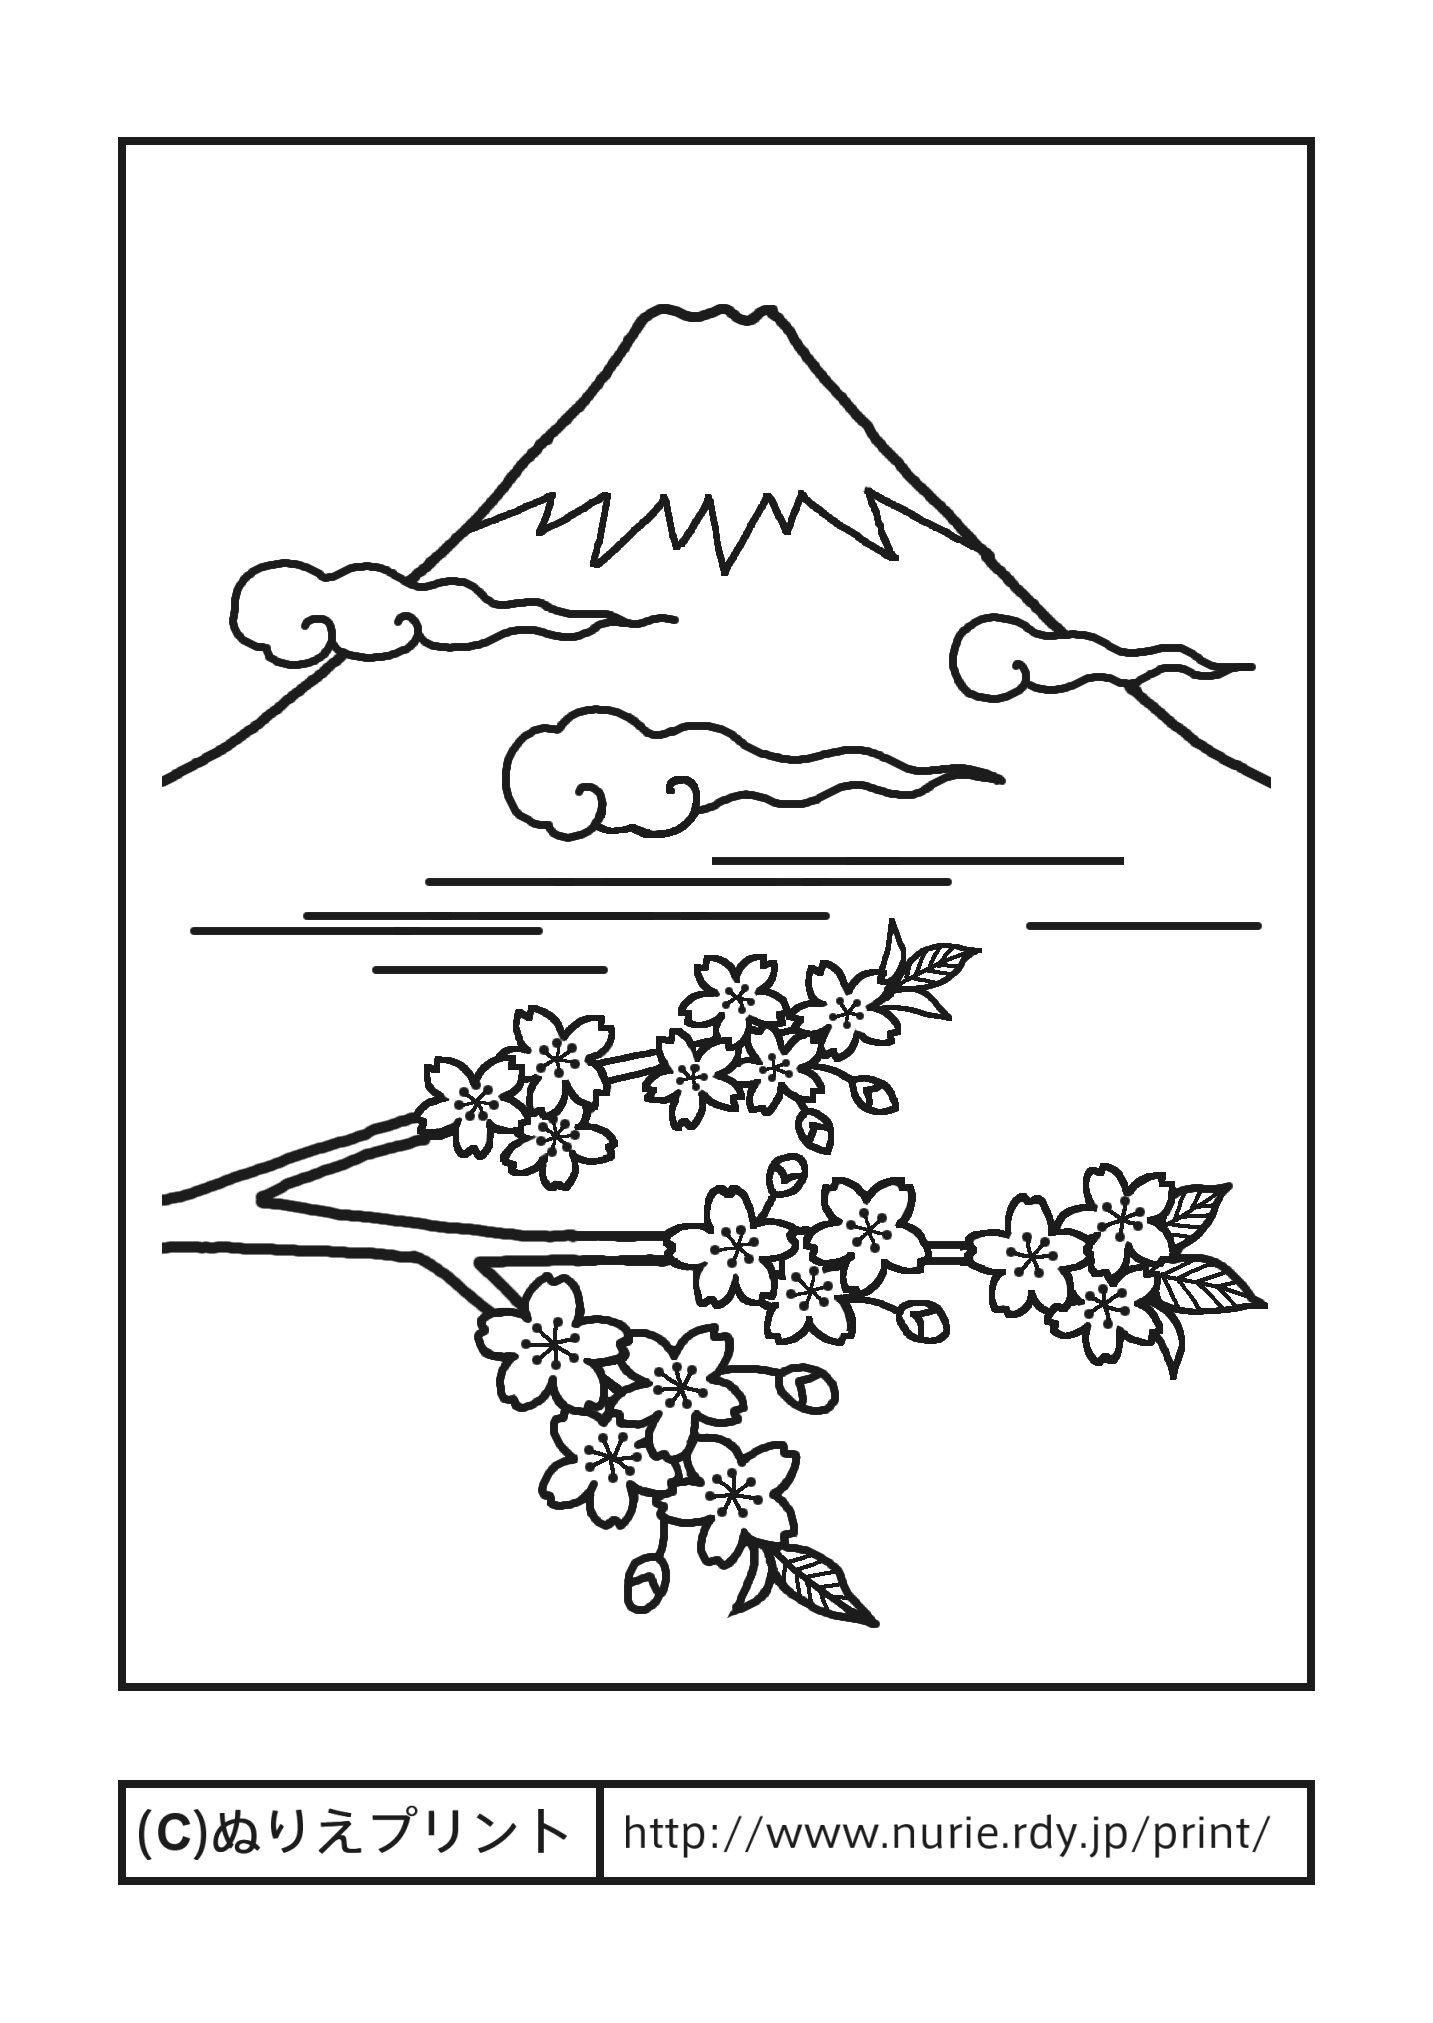 富士山と桜(主線・黒)/日本の名所/風景の塗り絵【ぬりえプリント